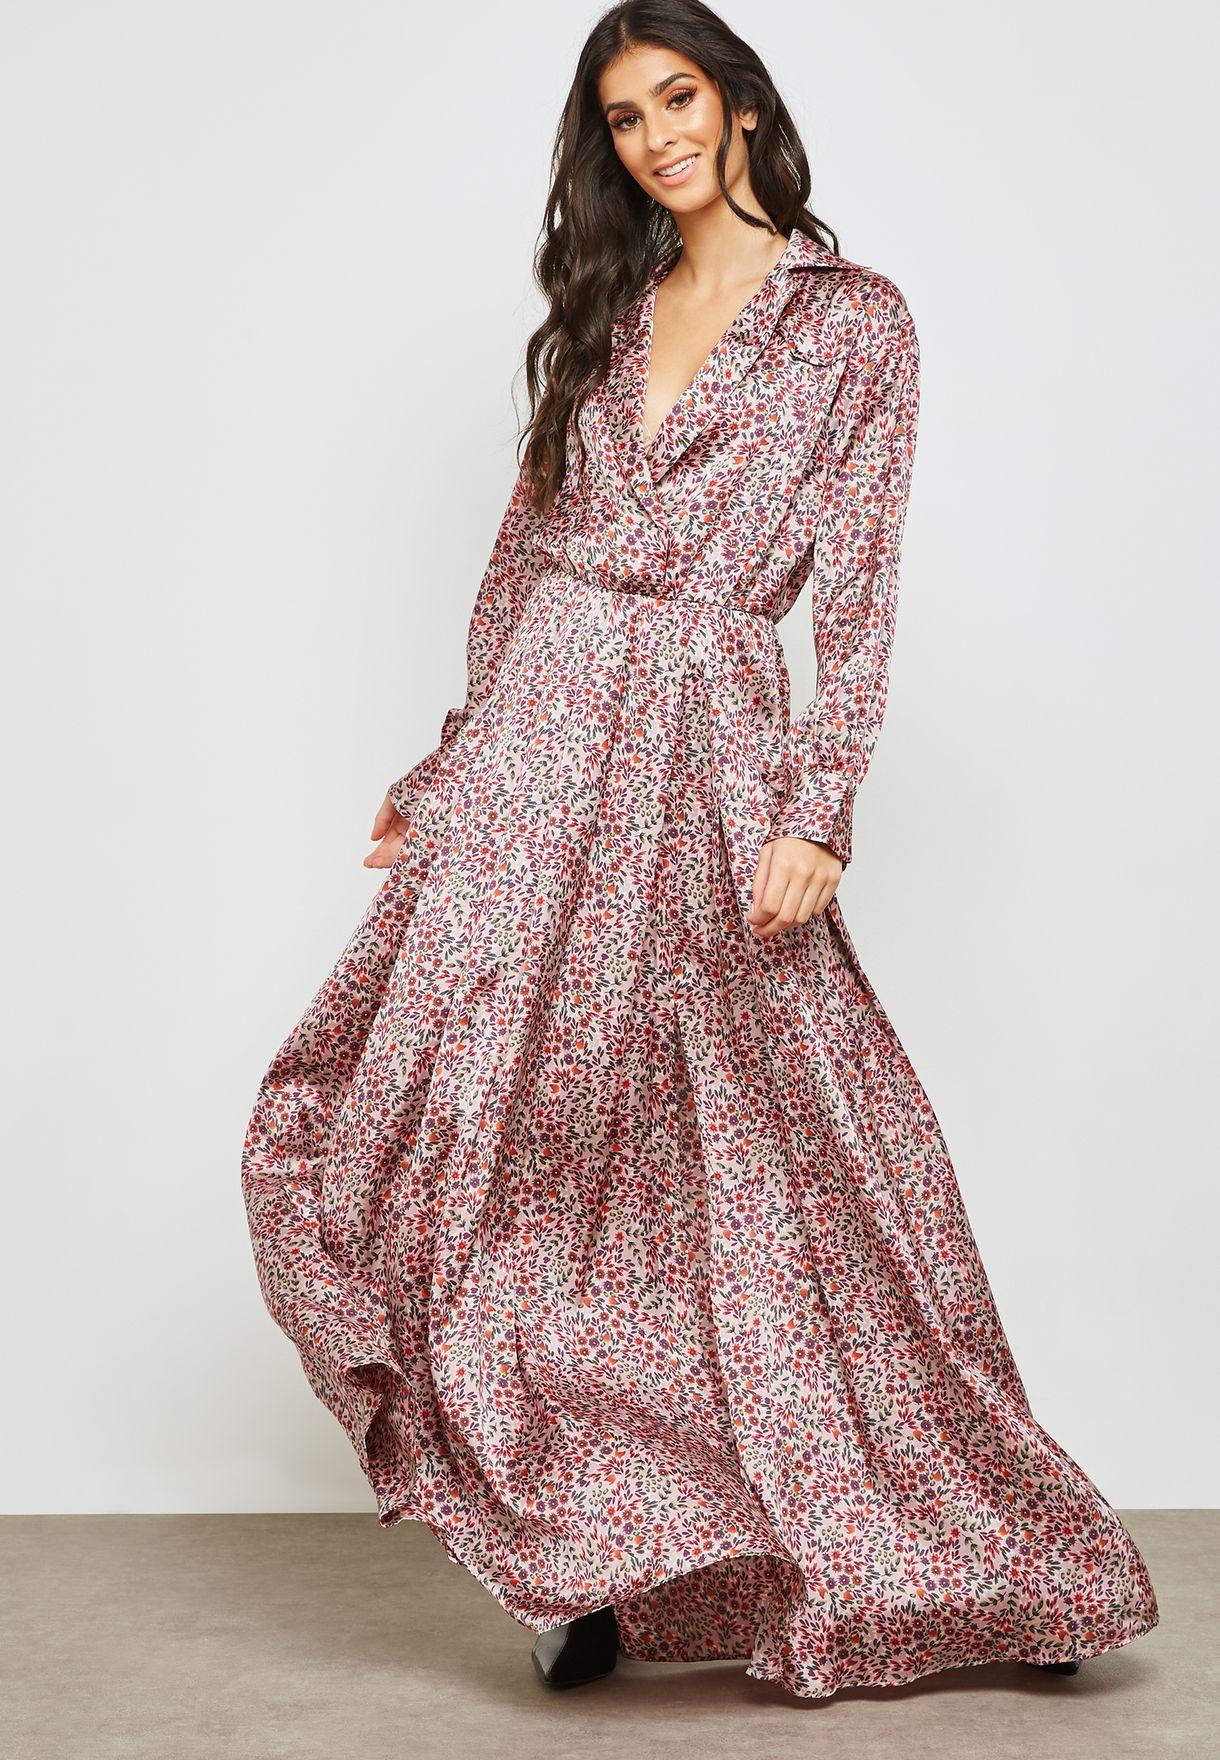 67faaf0b842 Shop Mango prints Side Slit Floral Satin Dress 31085756 for Women in ...